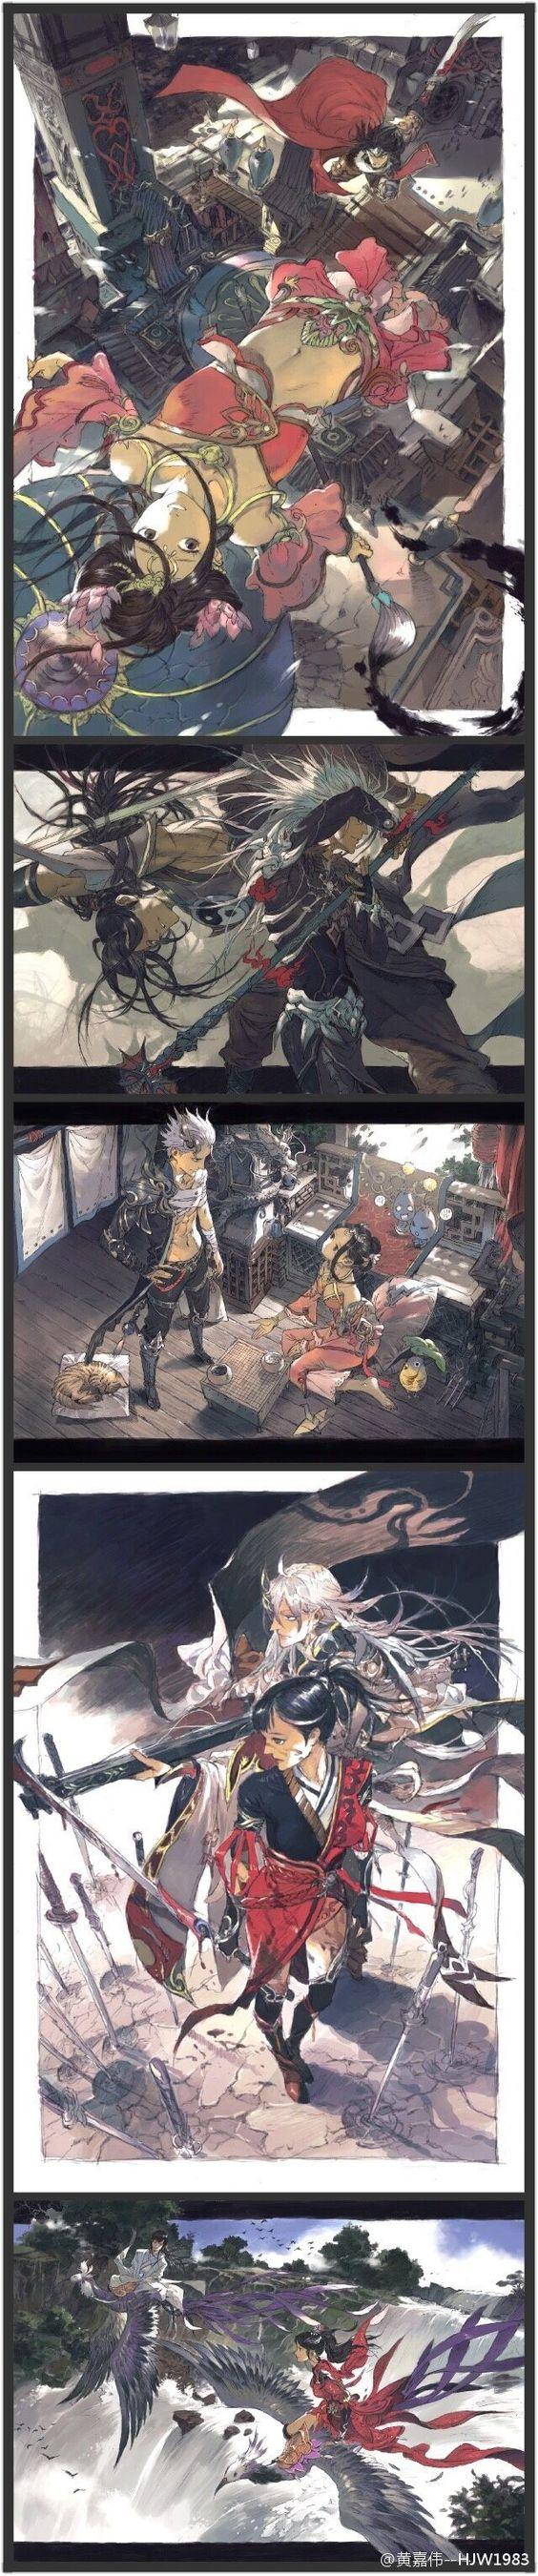 Galeria de Arte: Ficção & Fantasia 1 - Página 39 4fa8d2ba2c5279c56e69759911dfdace